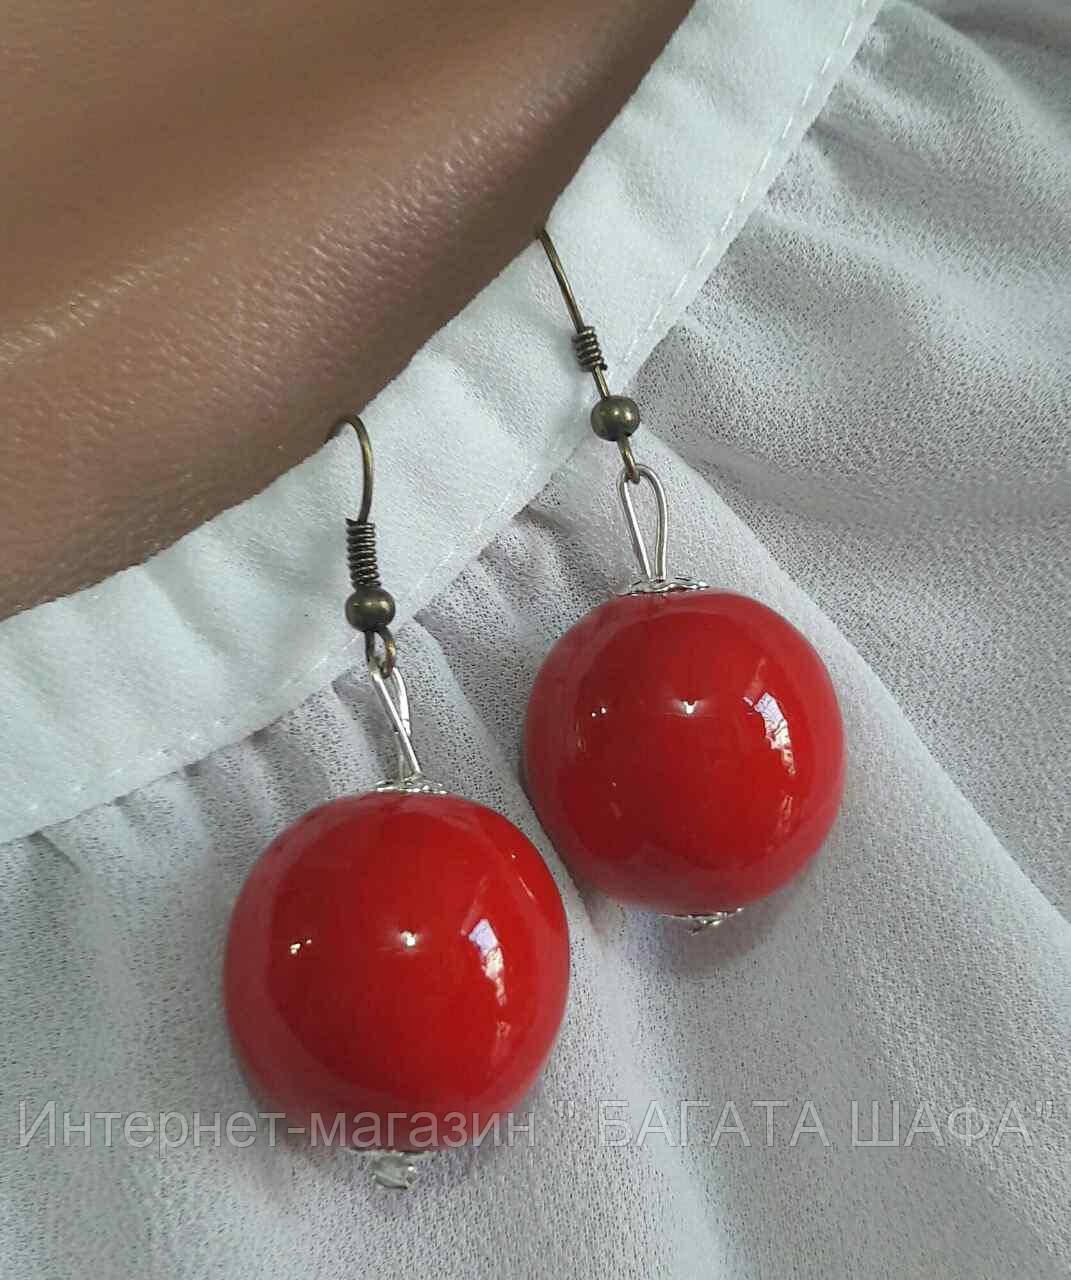 Яркие женские серьги, d бусин 2 см, 12/20 (цена за 1 шт. + 8 грн)